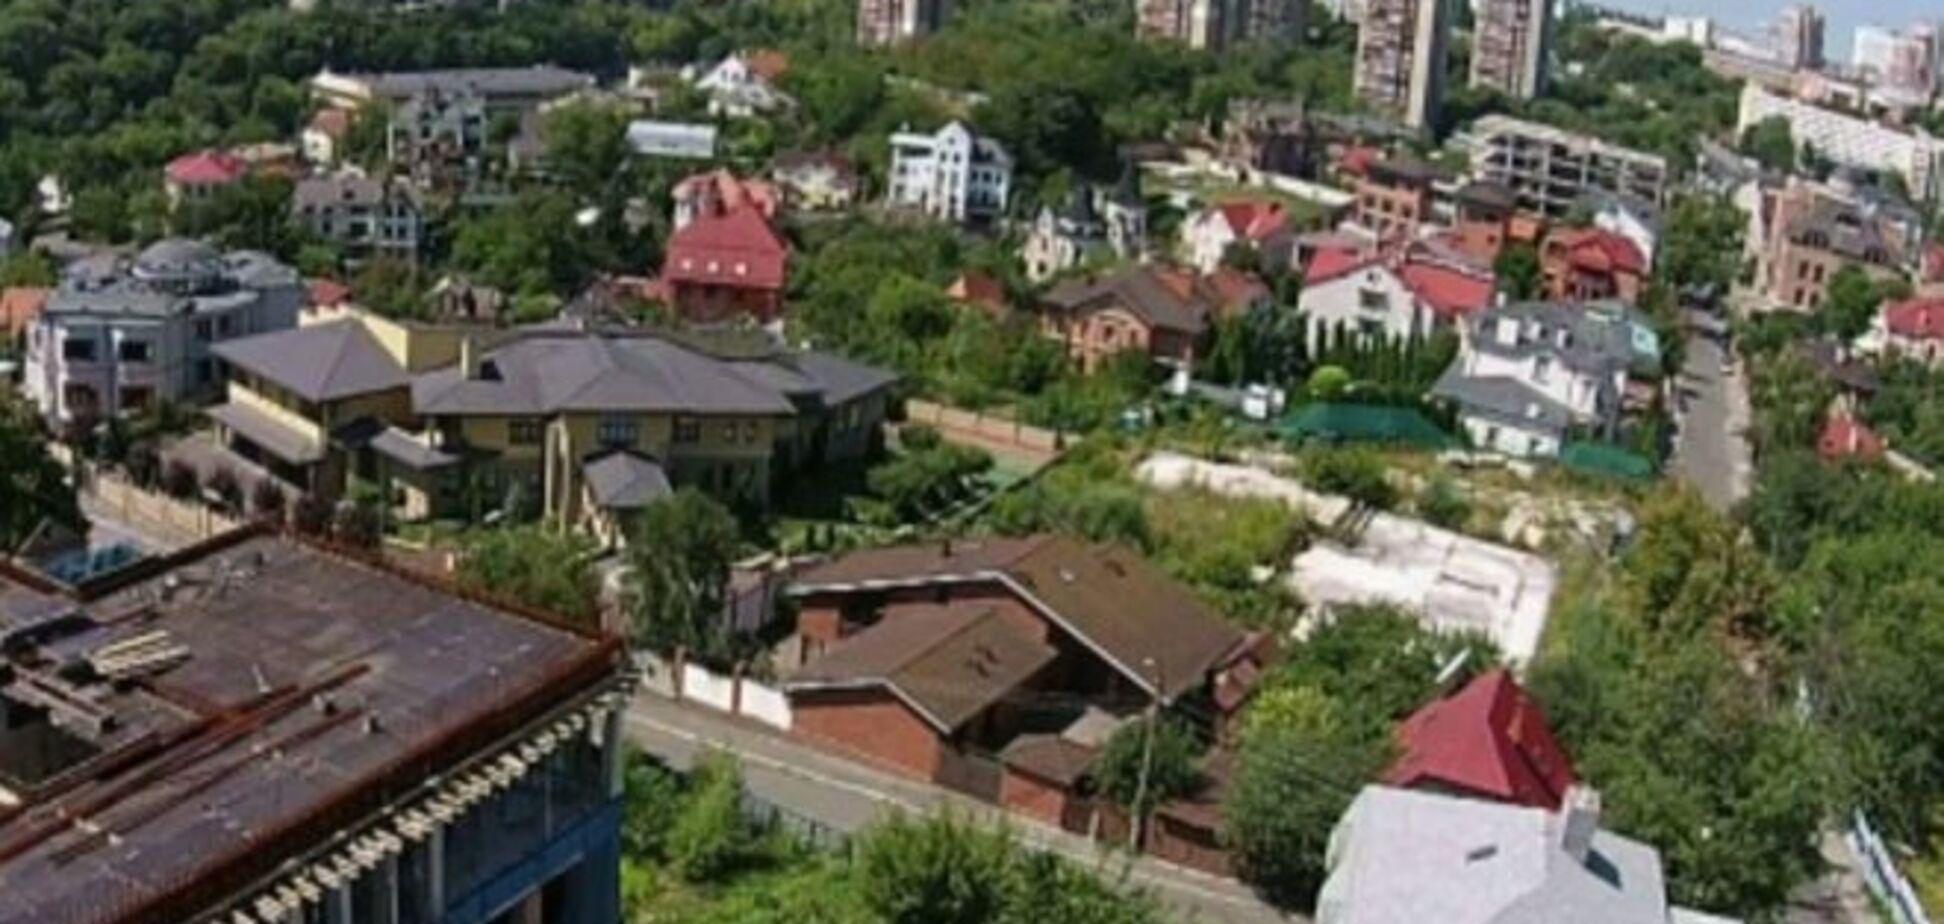 Соседи Президента. Стало известно, кто живет рядом с Порошенко: расследование